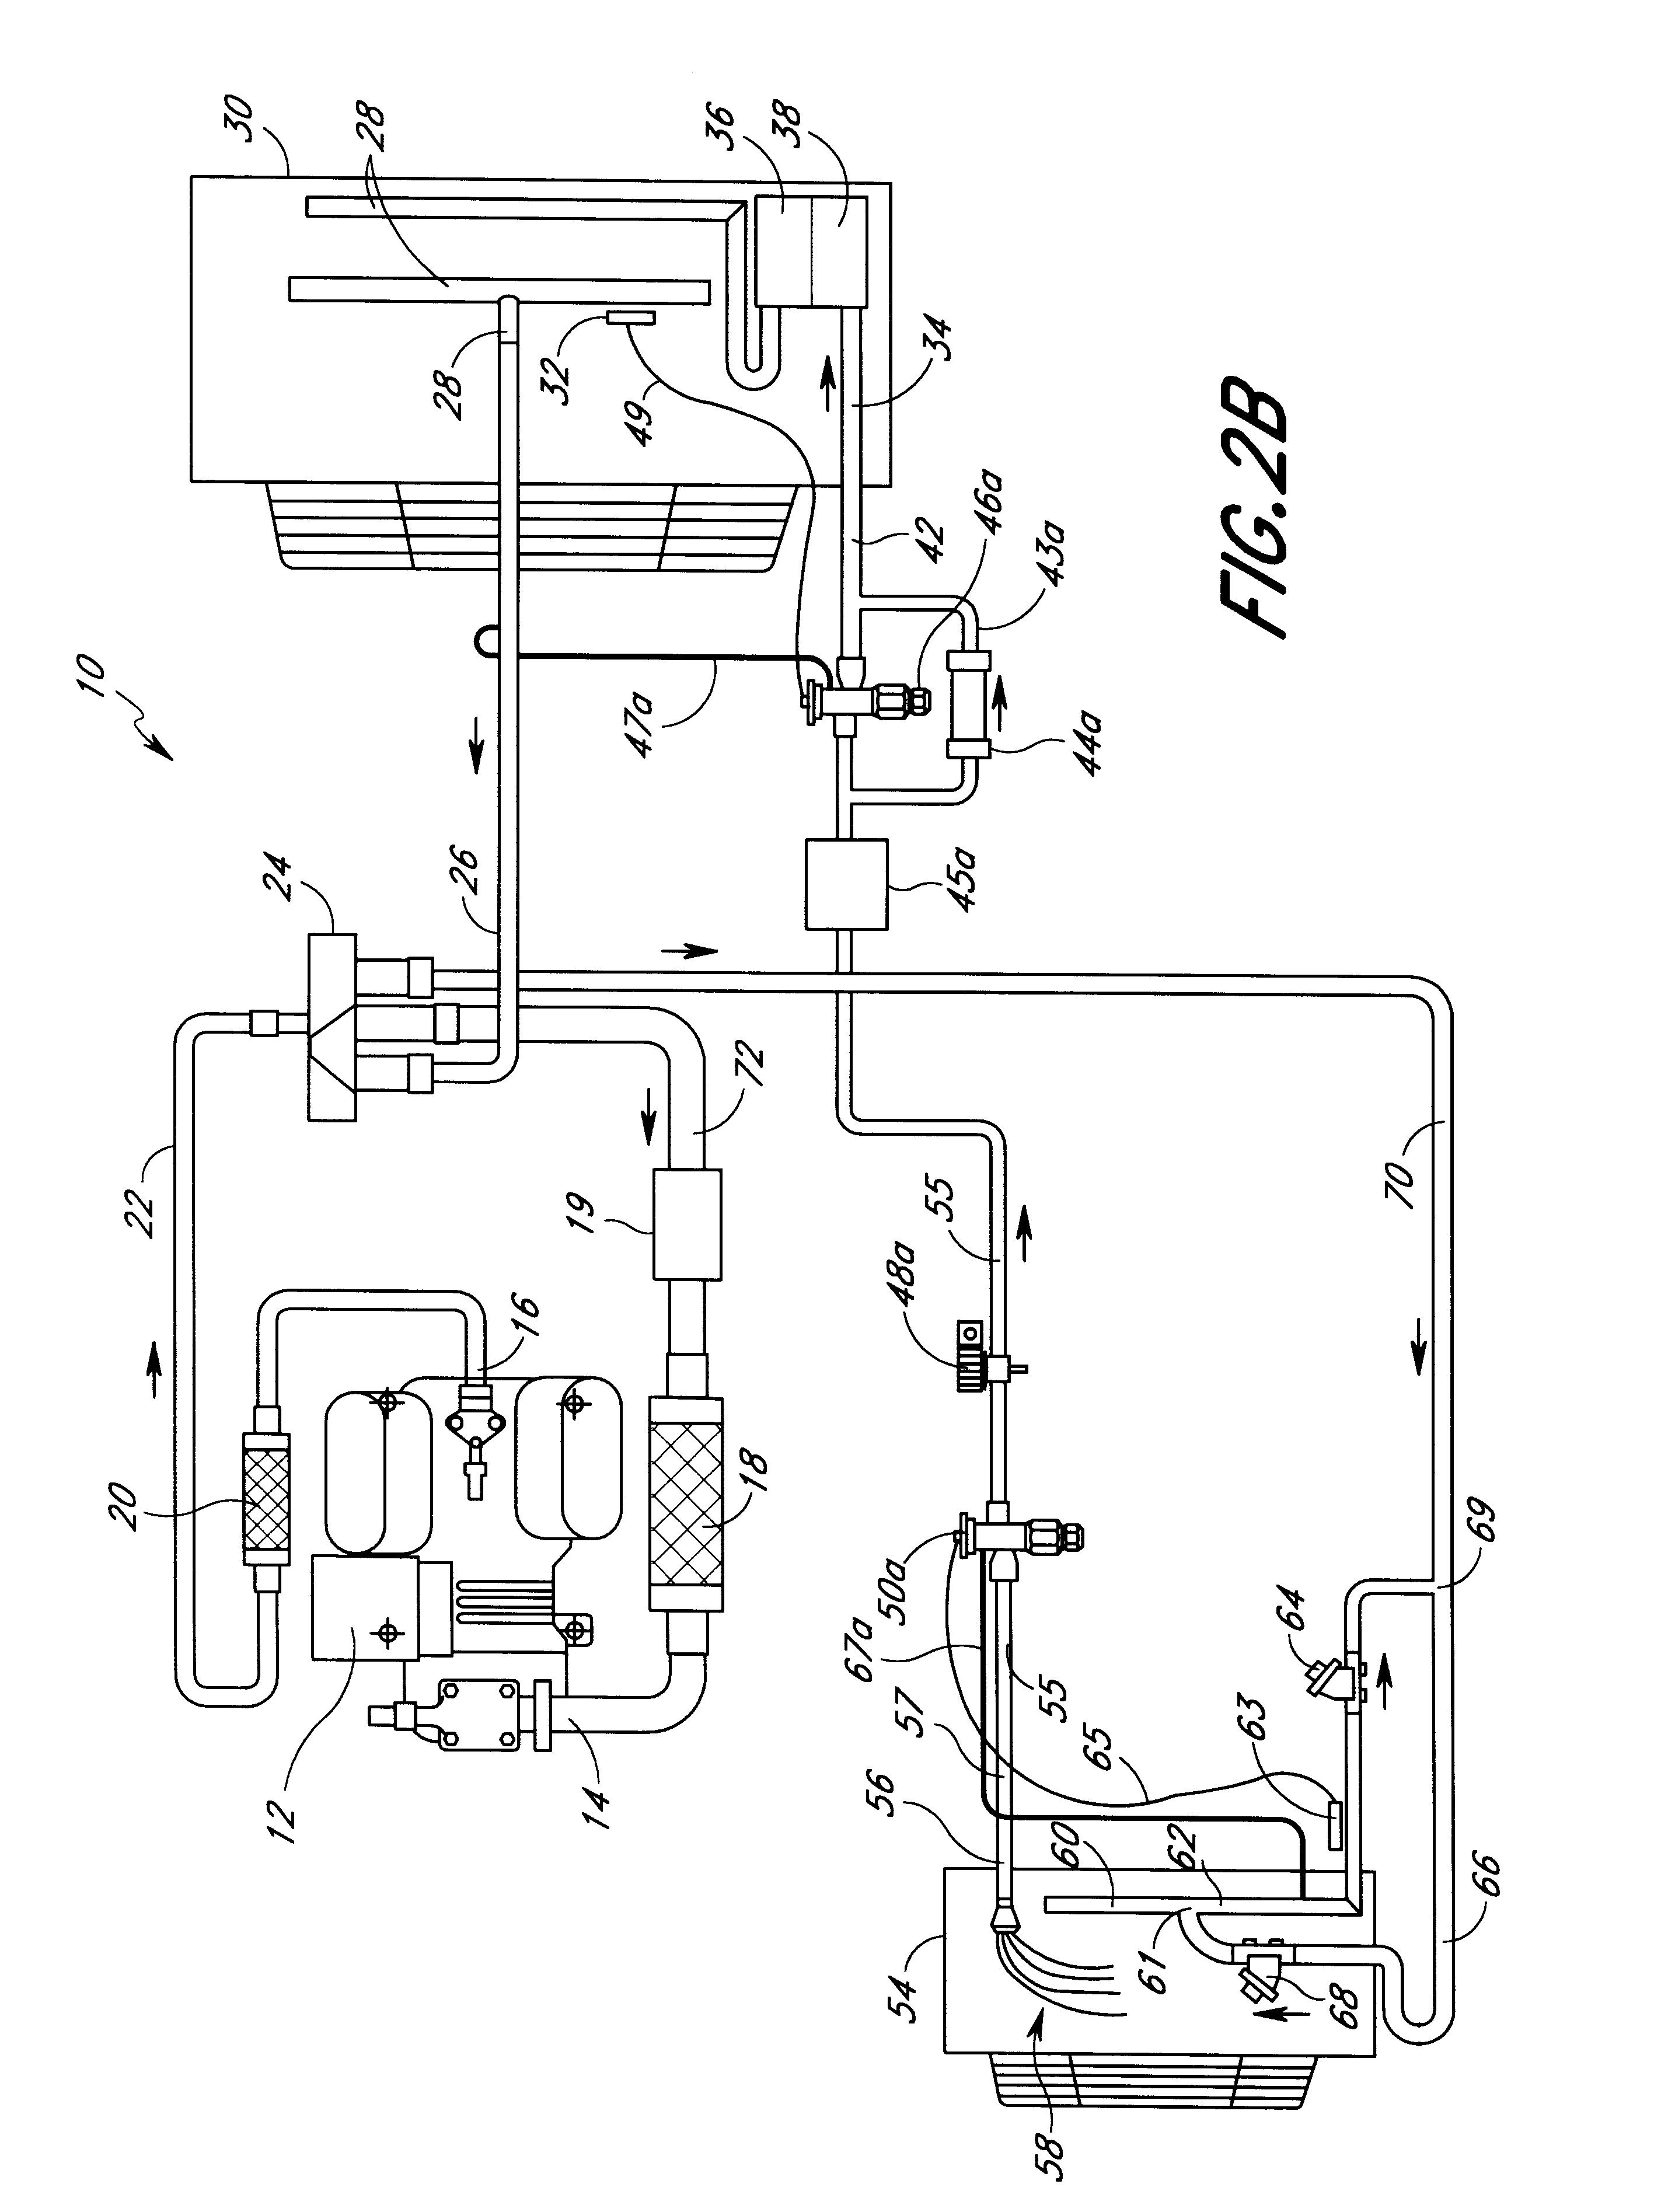 patent us6286322